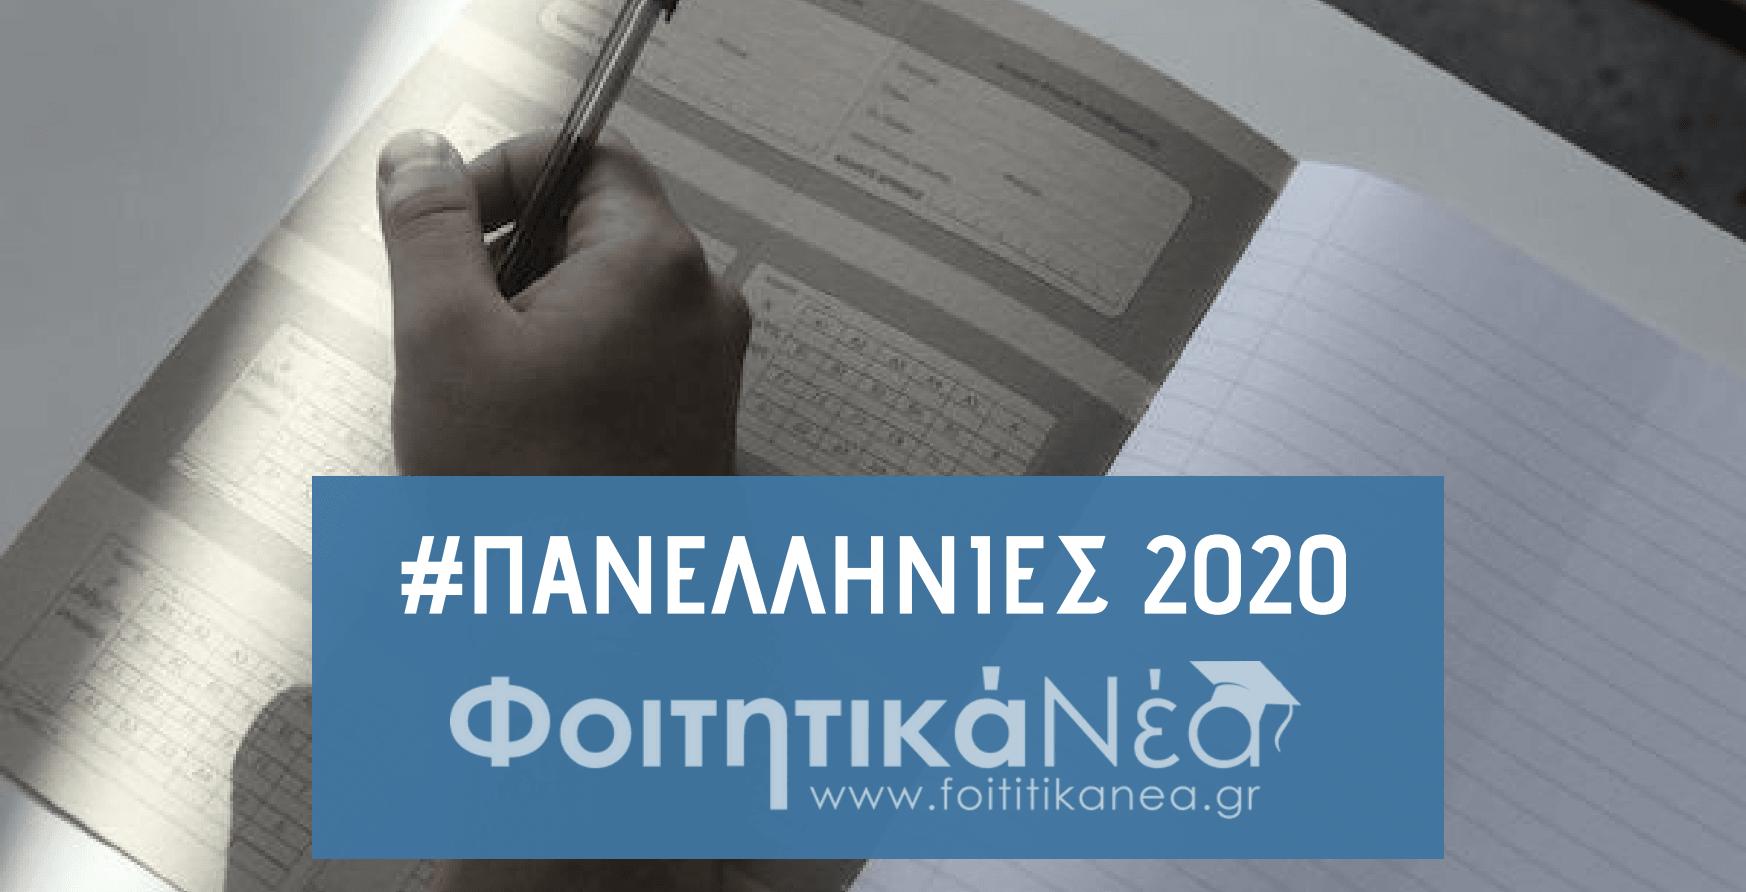 Πανελλαδικές 2020: Τρόπος εξέτασης κάθε μαθήματος (ΑΠΟΦΑΣΗ)